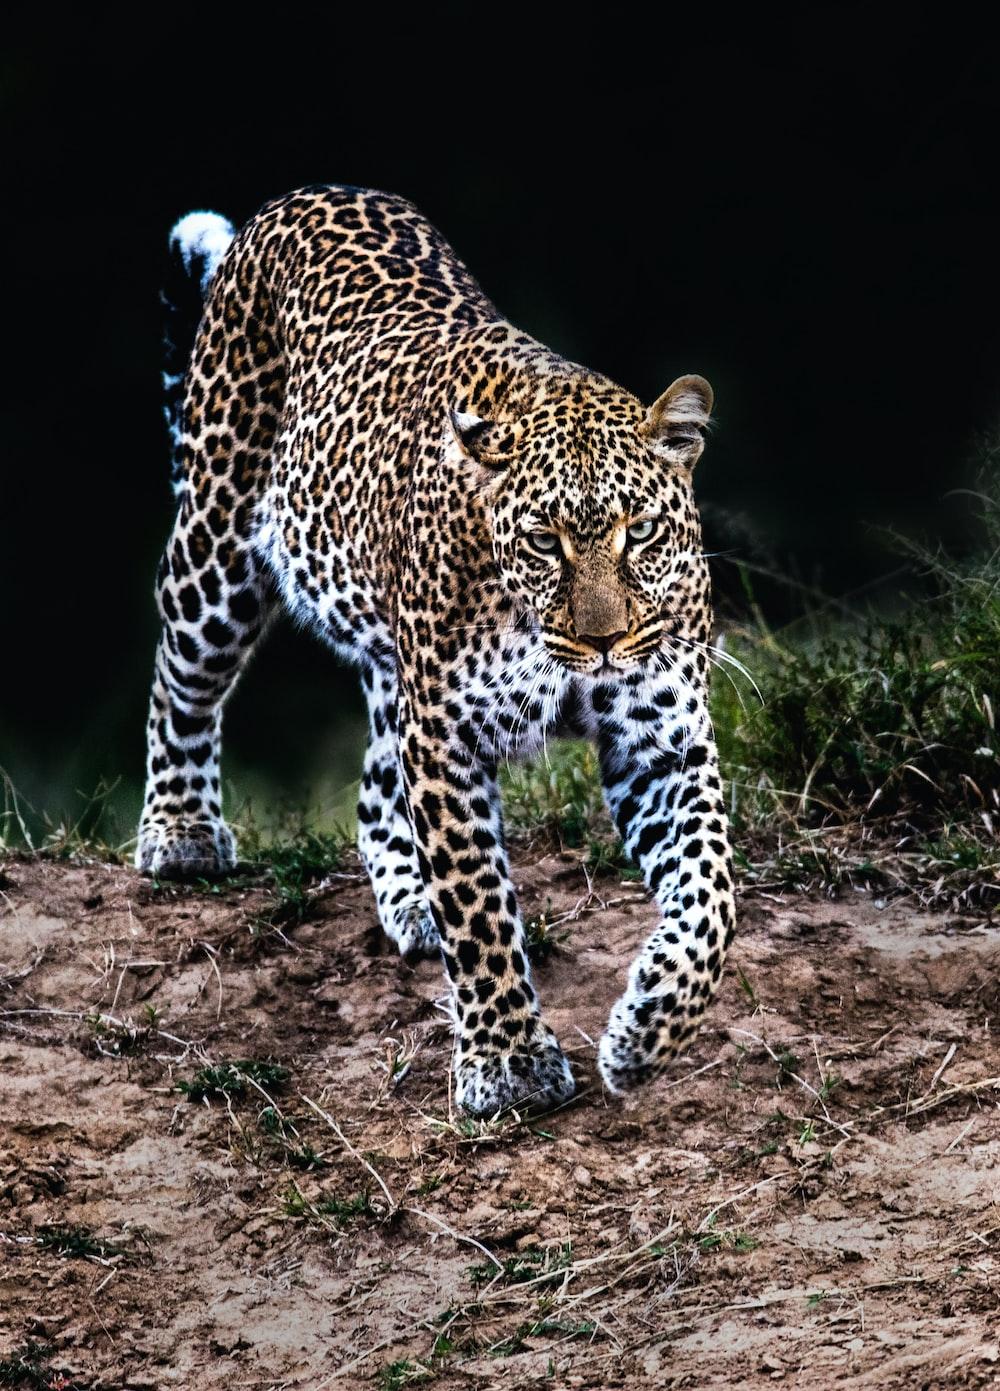 leopard walking in wild